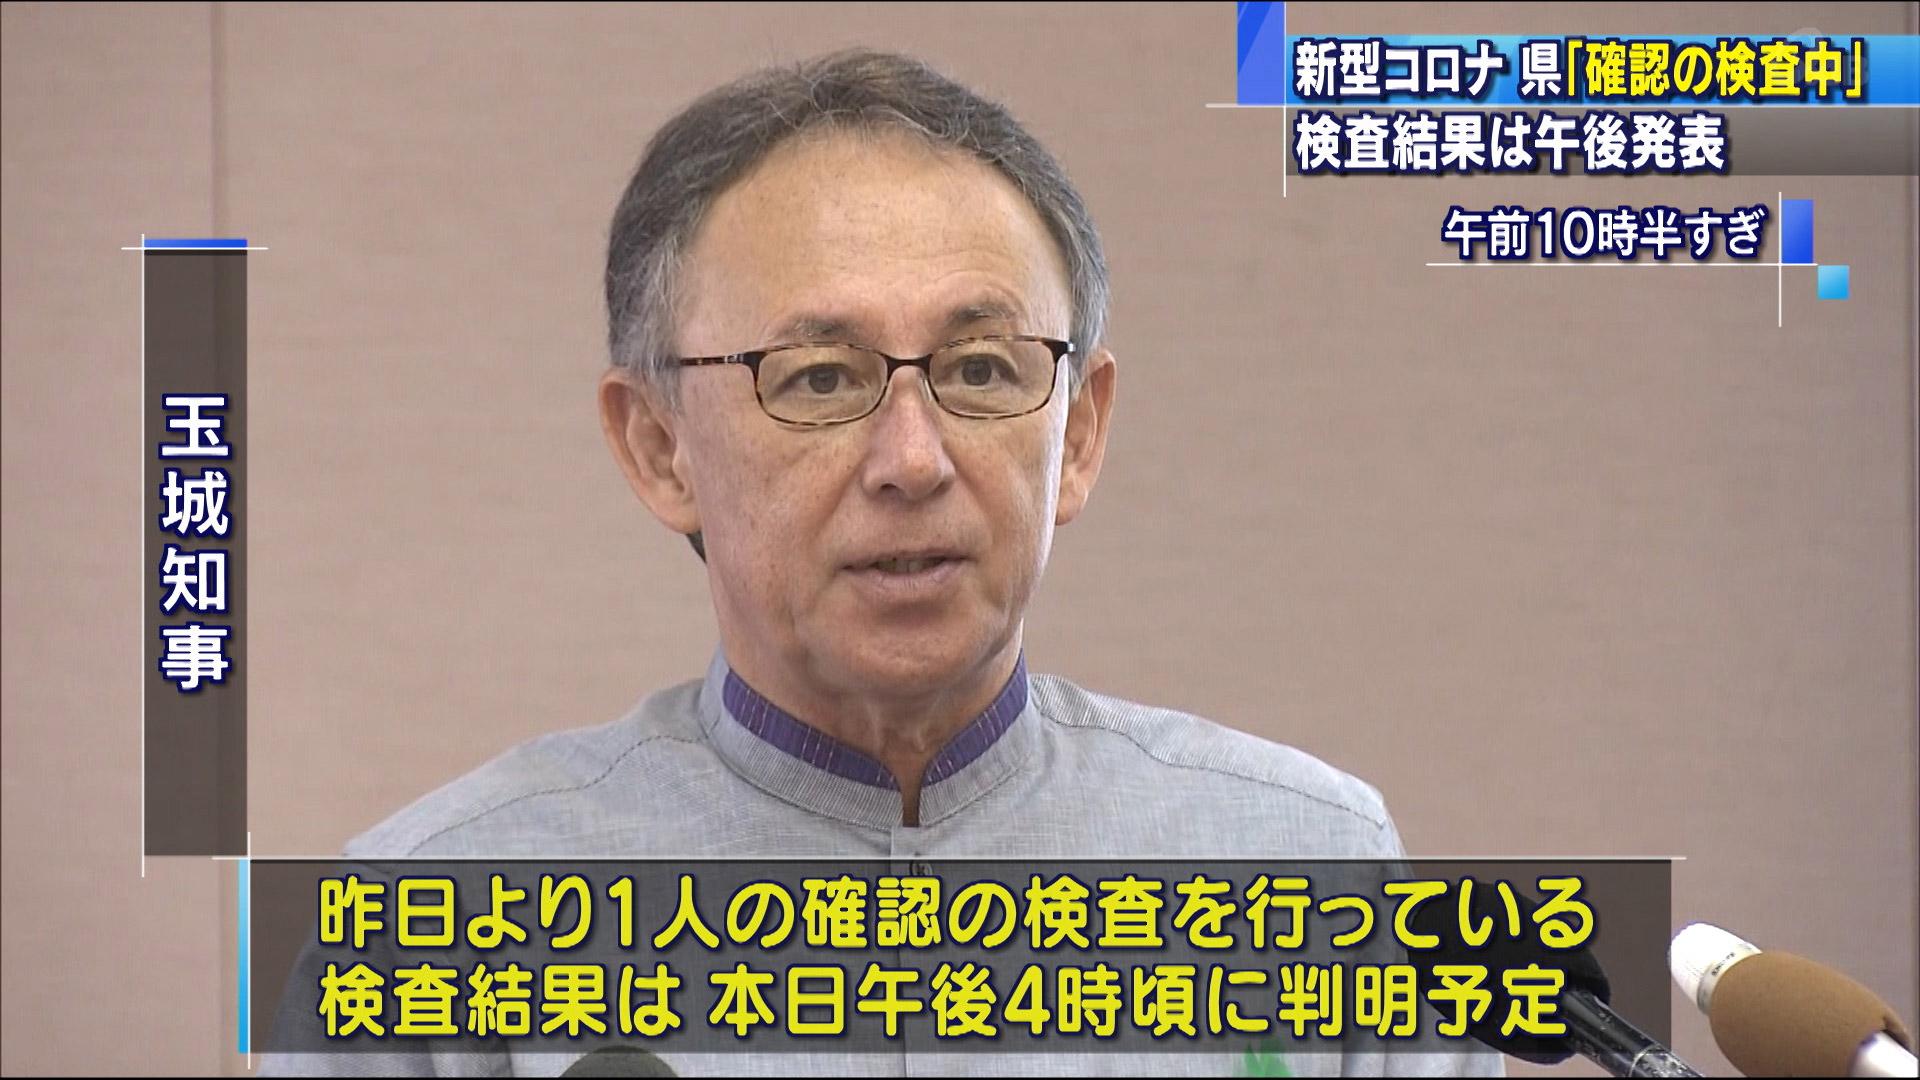 県が新型コロナ感染疑いを発表 午後にも検査結果